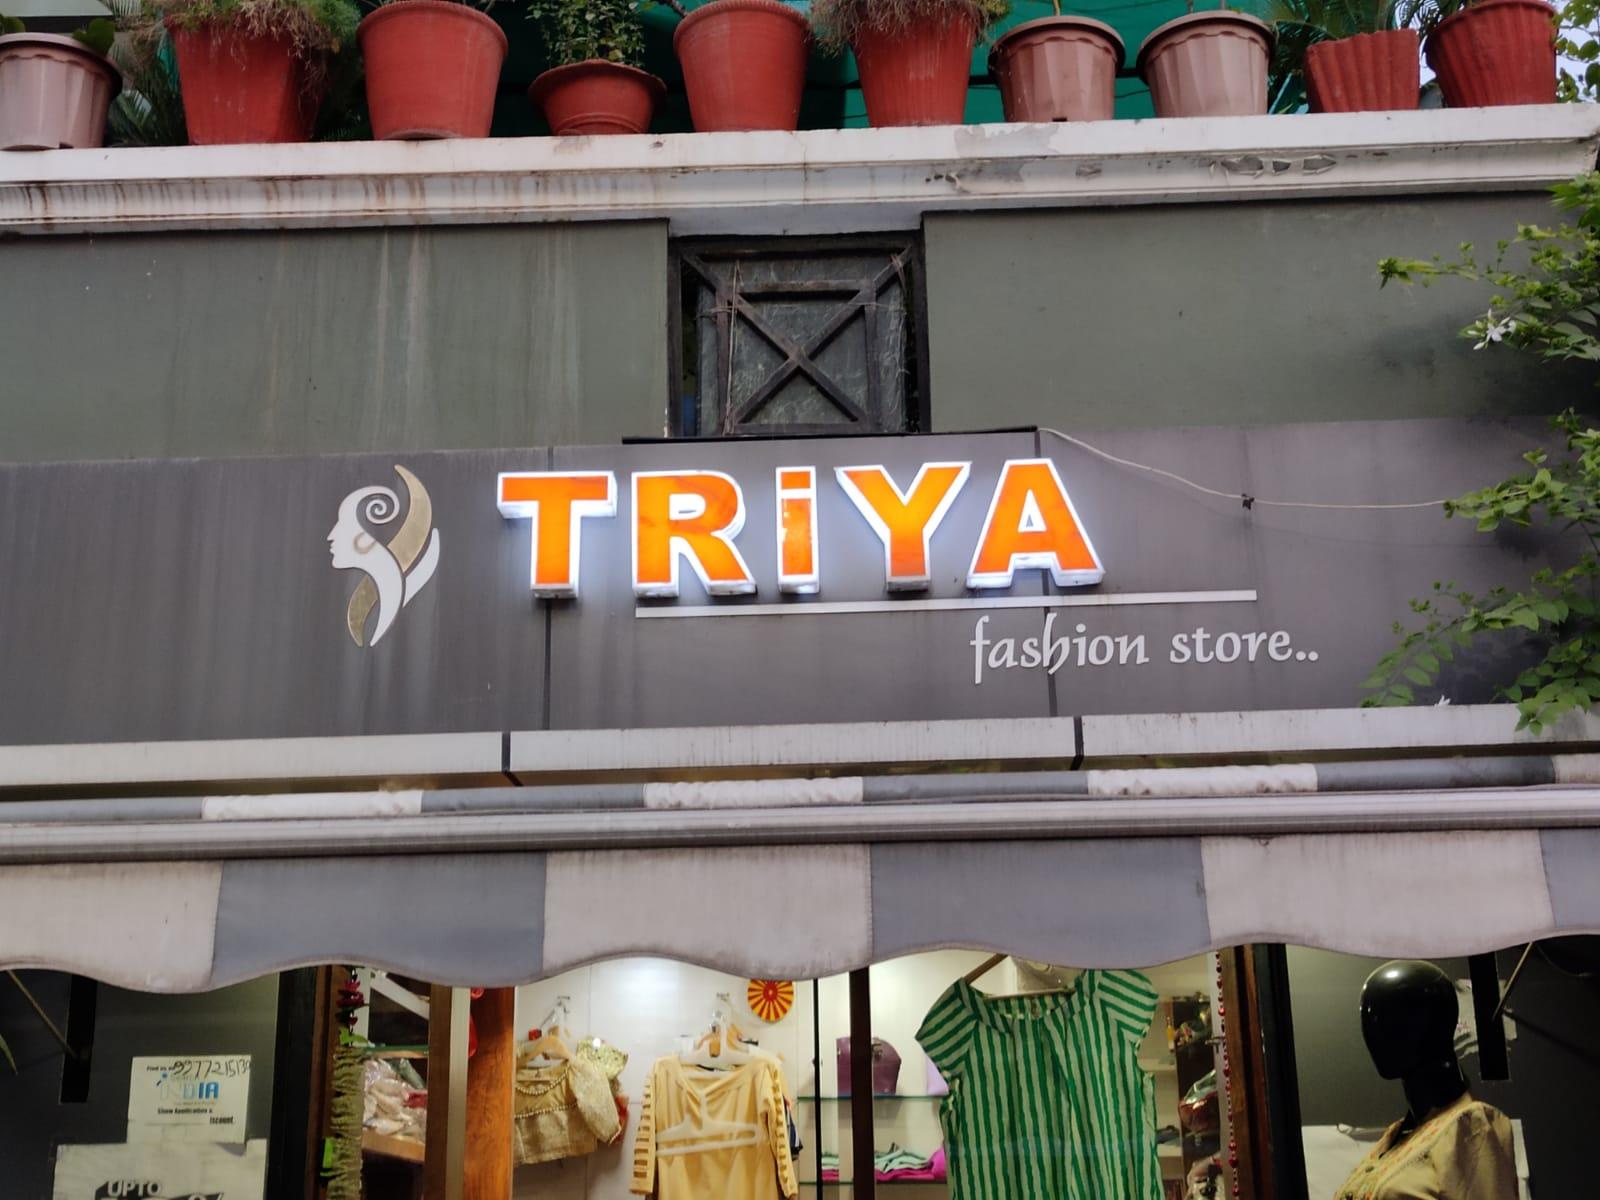 Triya fashion store